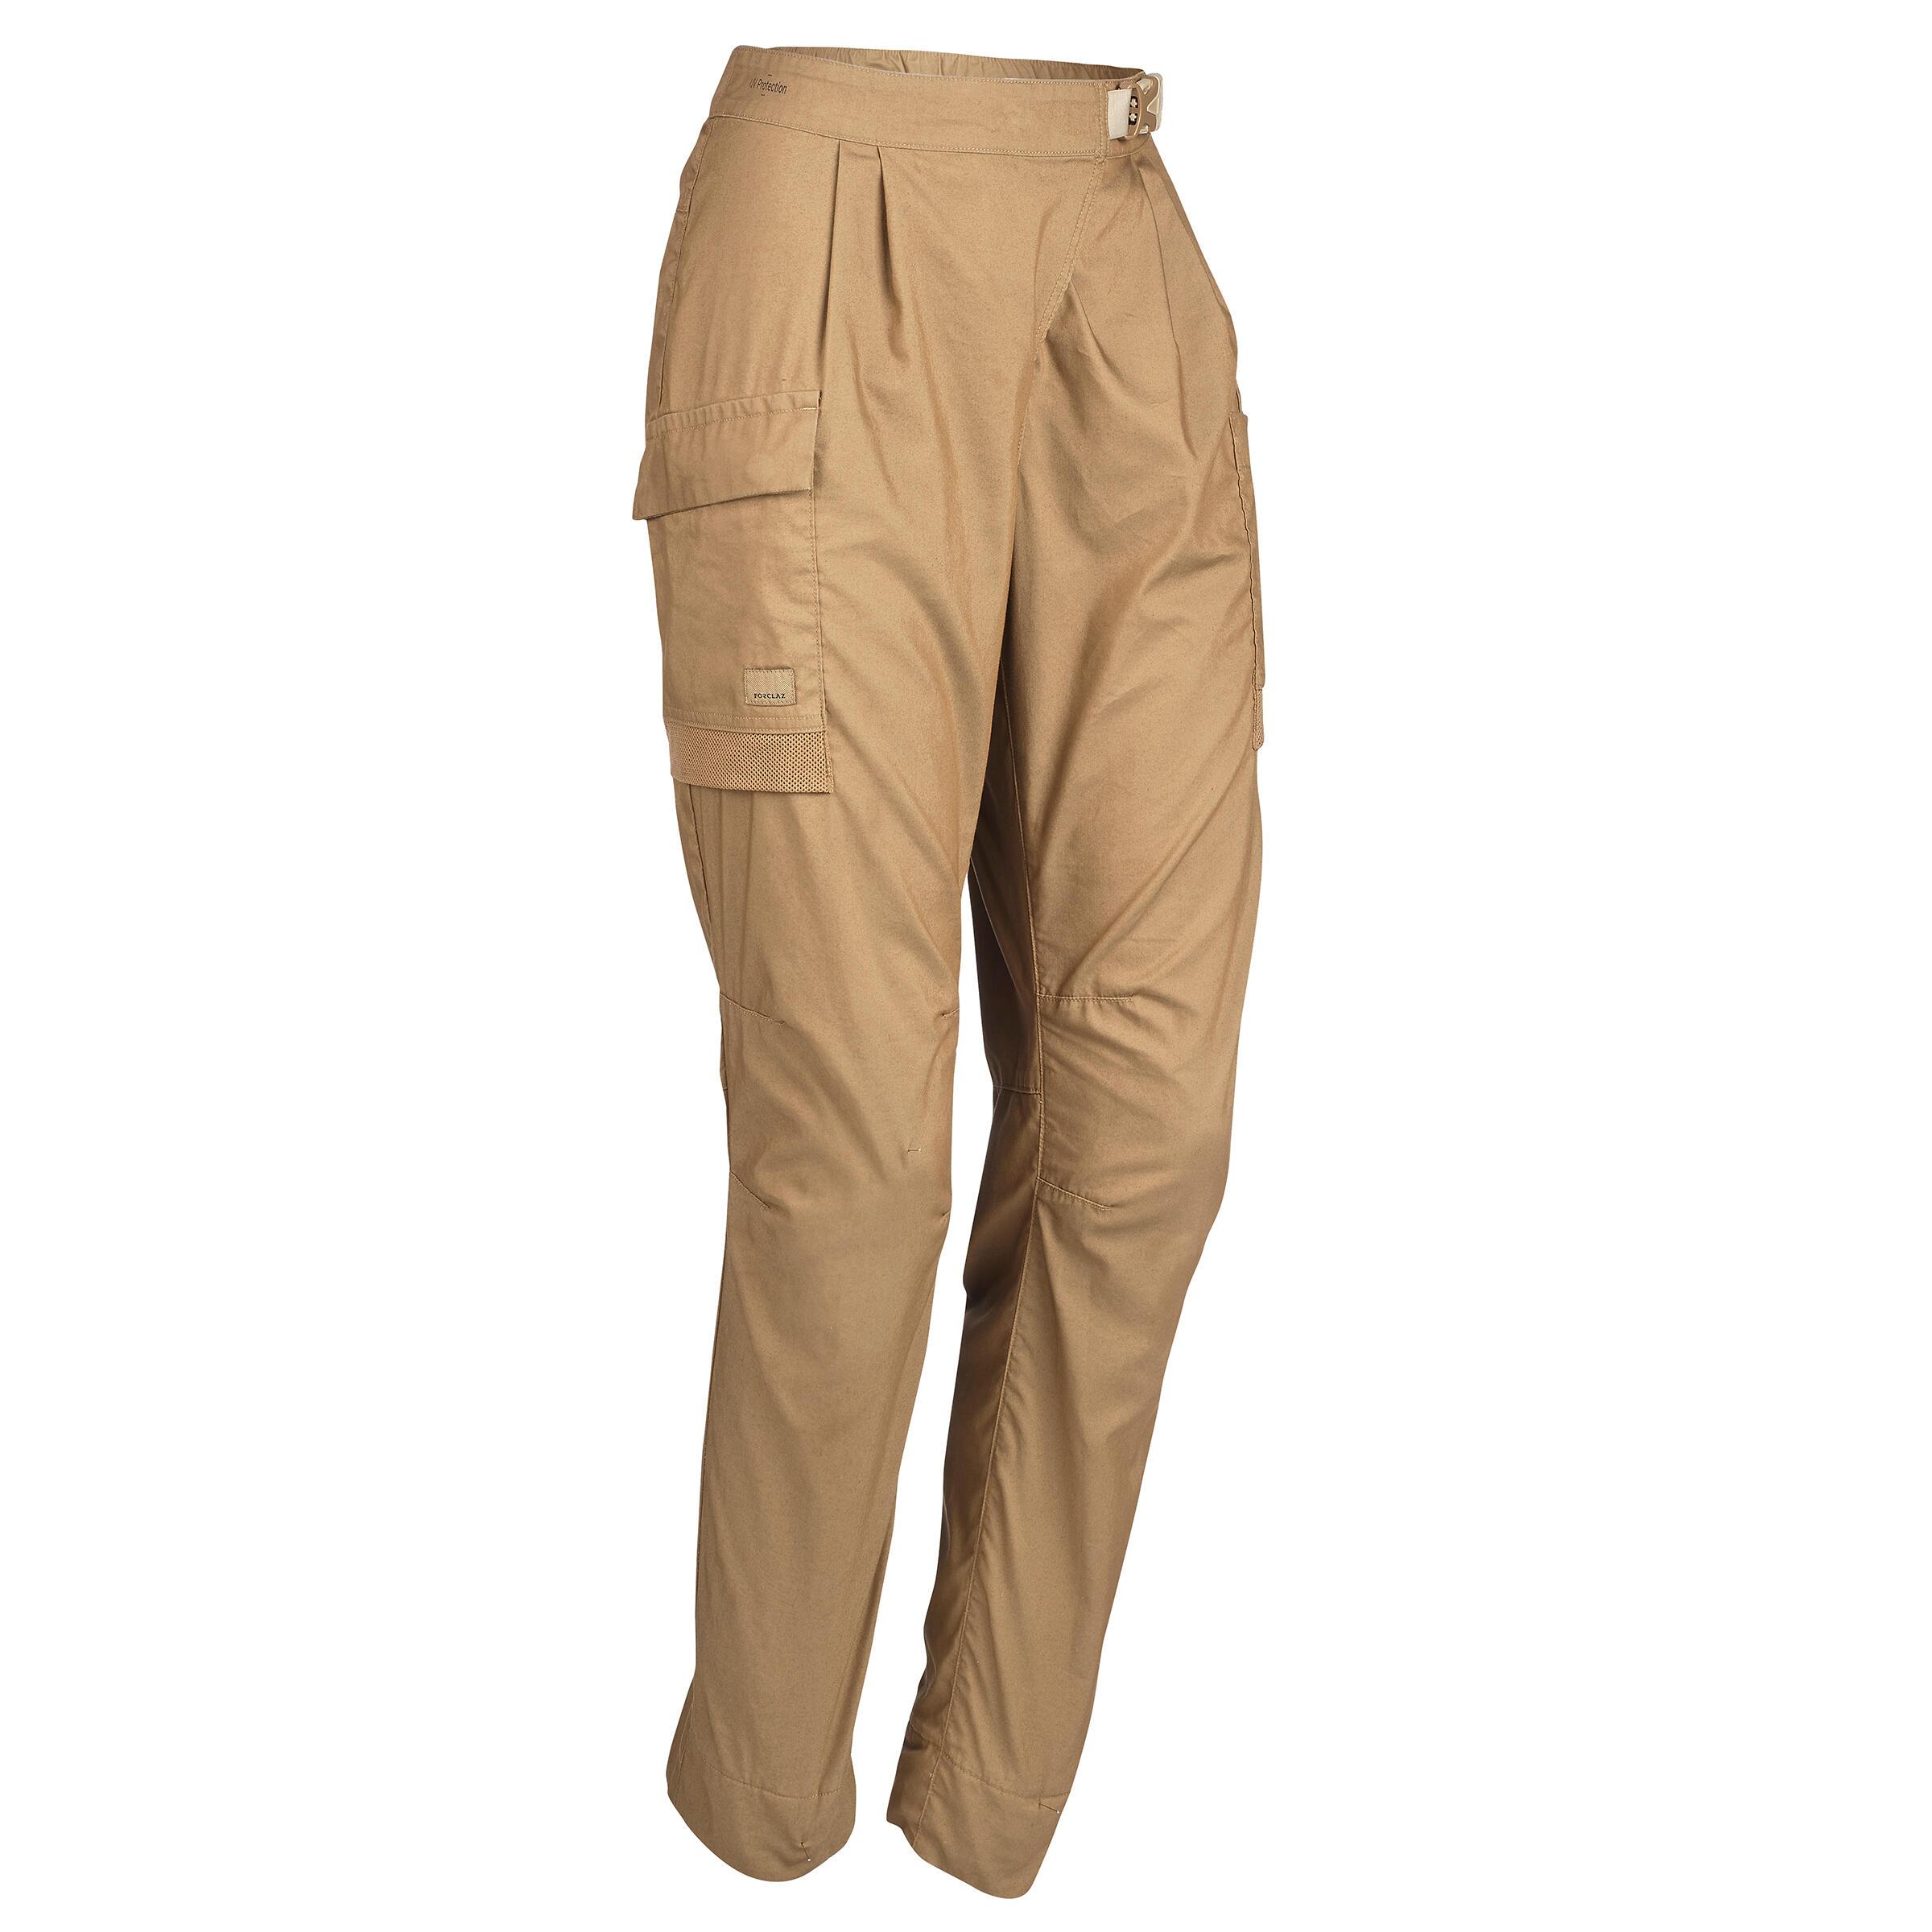 Pantalon Deșert 500 Damă